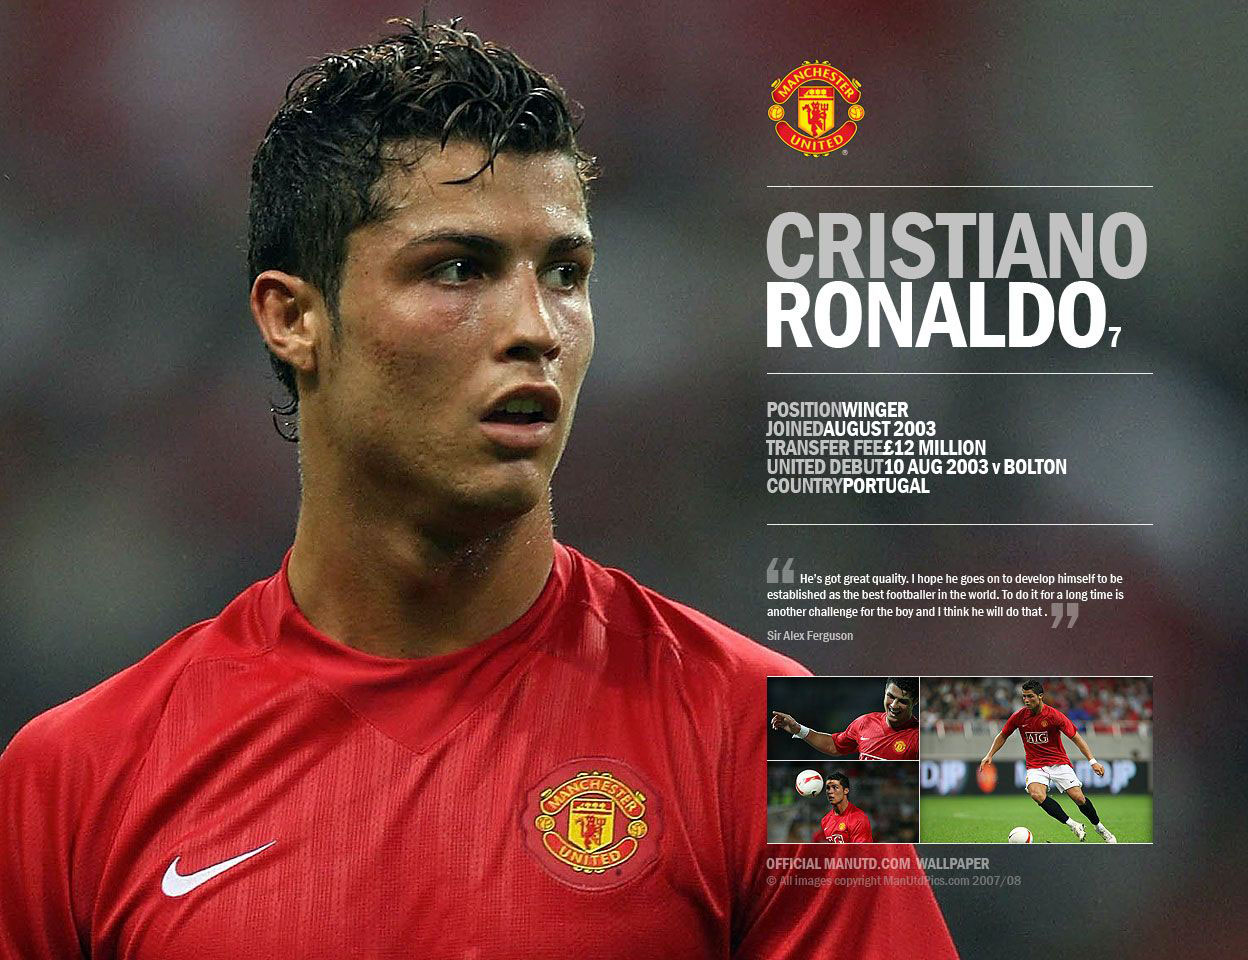 http://4.bp.blogspot.com/-kddLGIRCwlk/TwqEfpg4YLI/AAAAAAAACYI/khCYbNWTfB0/s1600/Ronaldo+%25285%2529.jpg